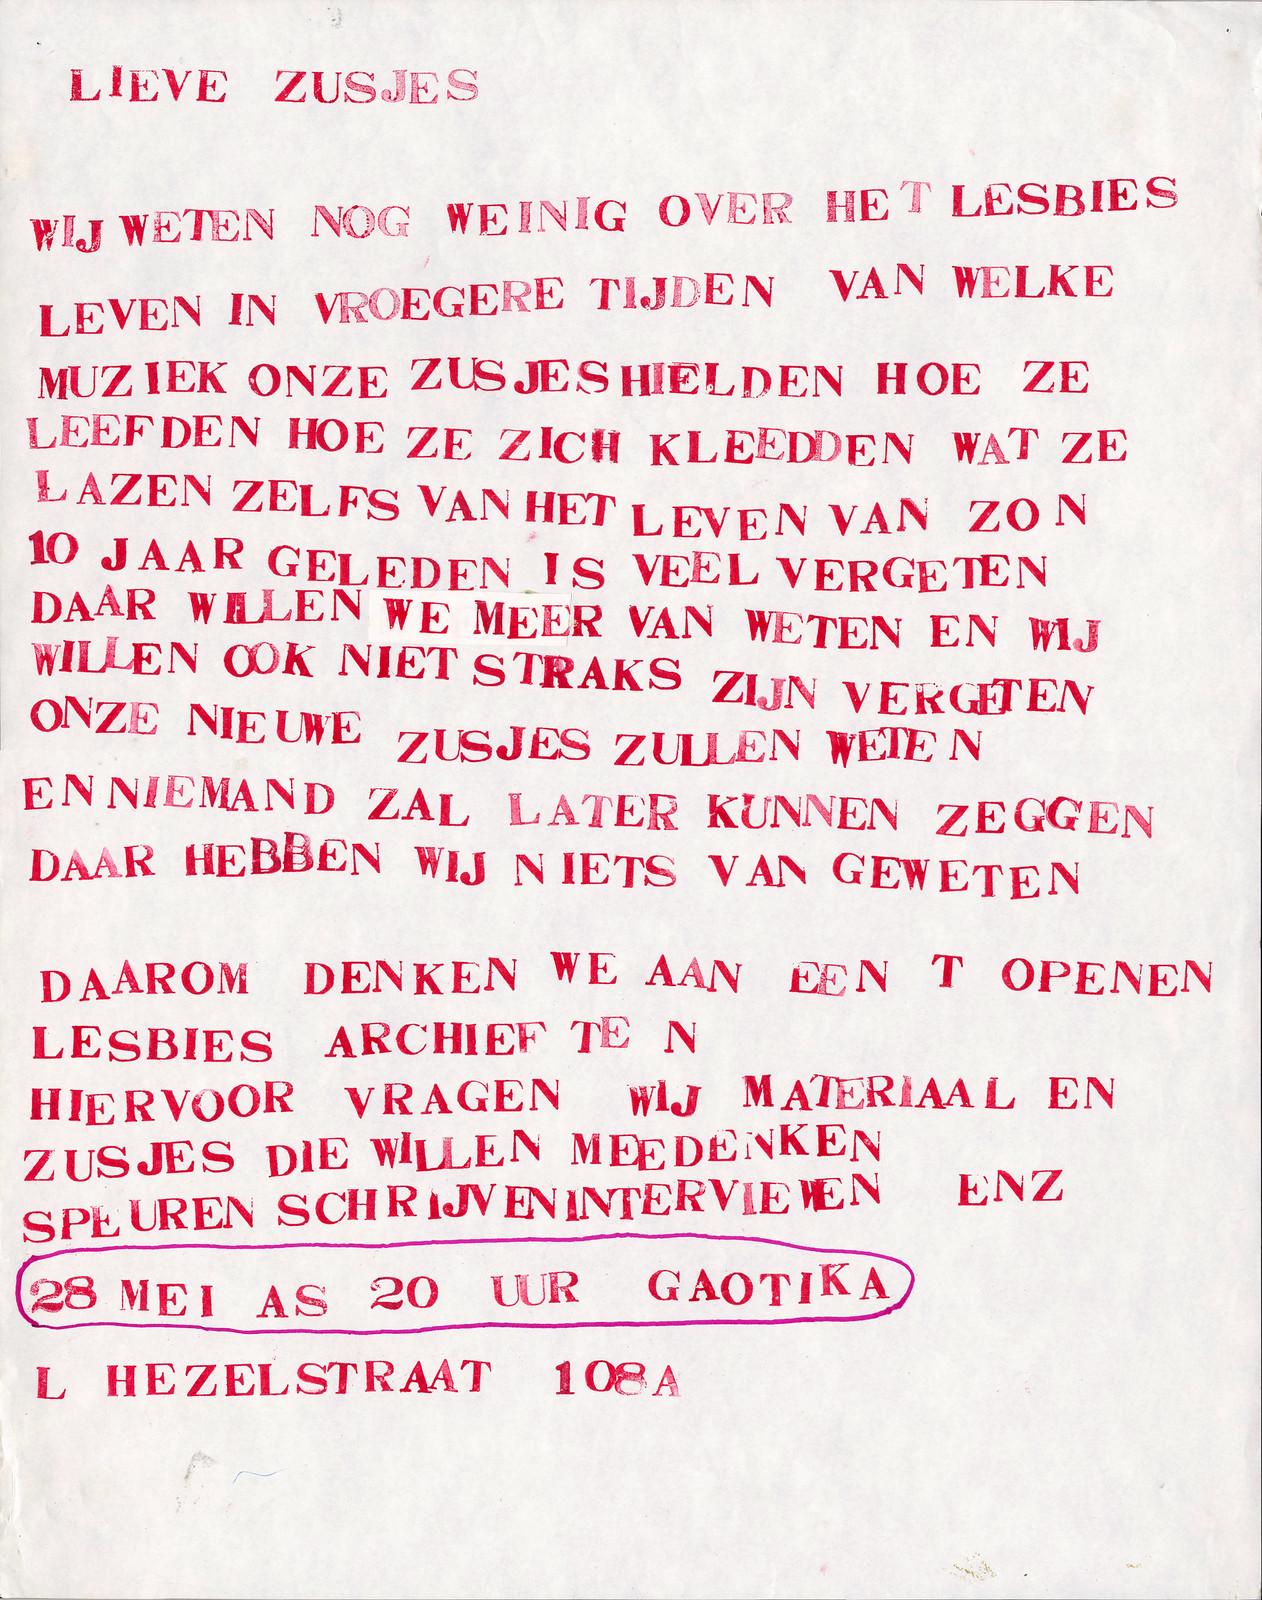 1982 Lesbisch Archief Nijmegen oprichting